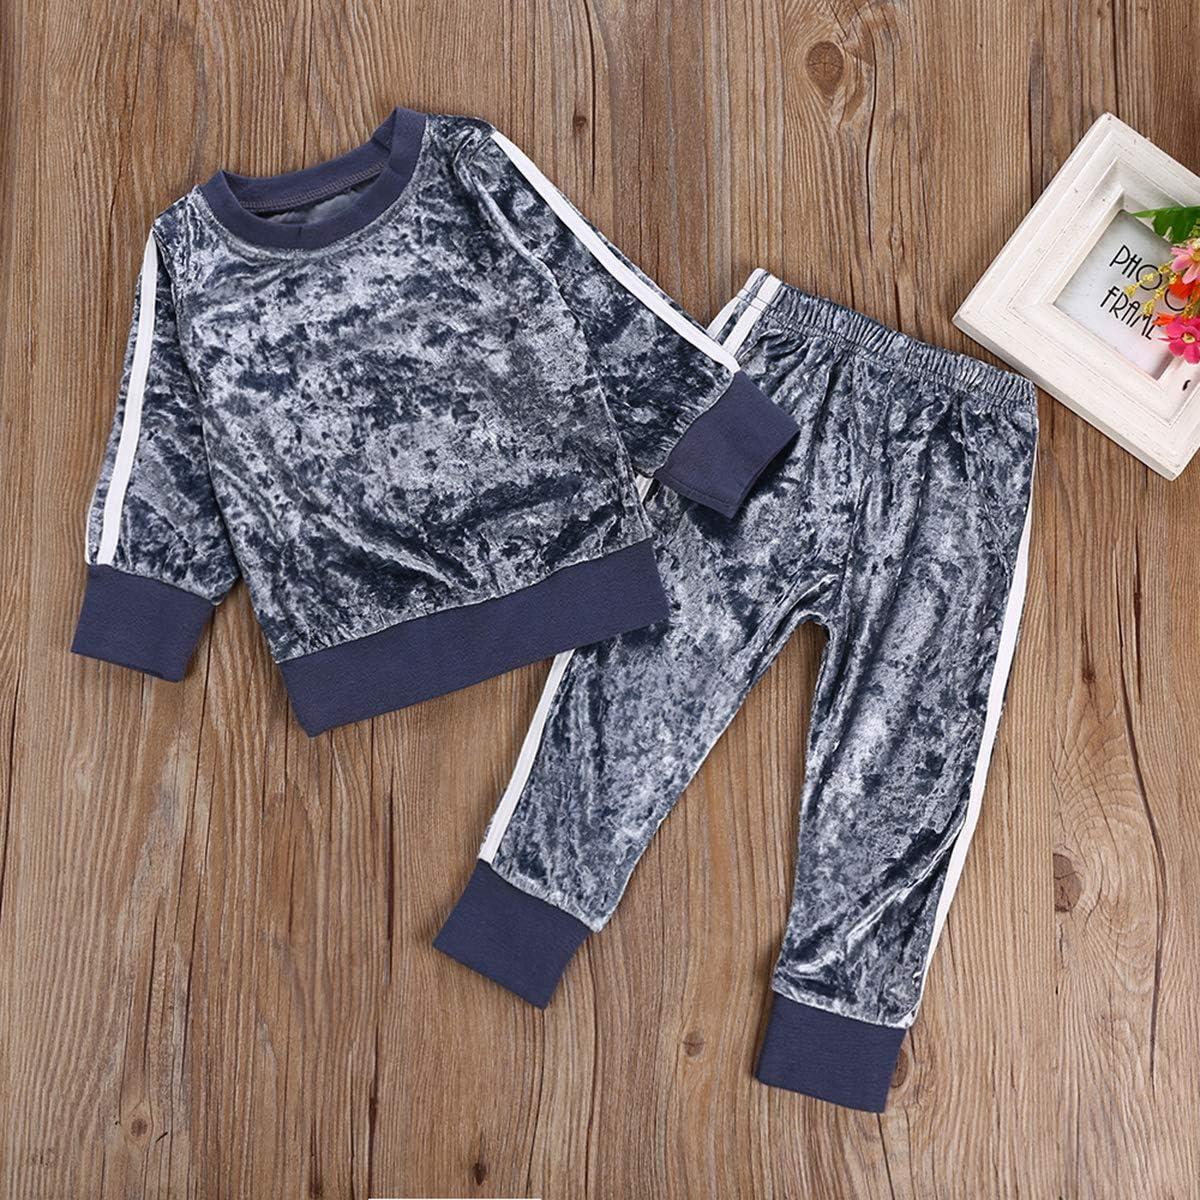 pantaloni superiori DaMohony Set di 2 vestiti alla moda per bambine leggings per neonati e bambini colore: rosa a maniche lunghe